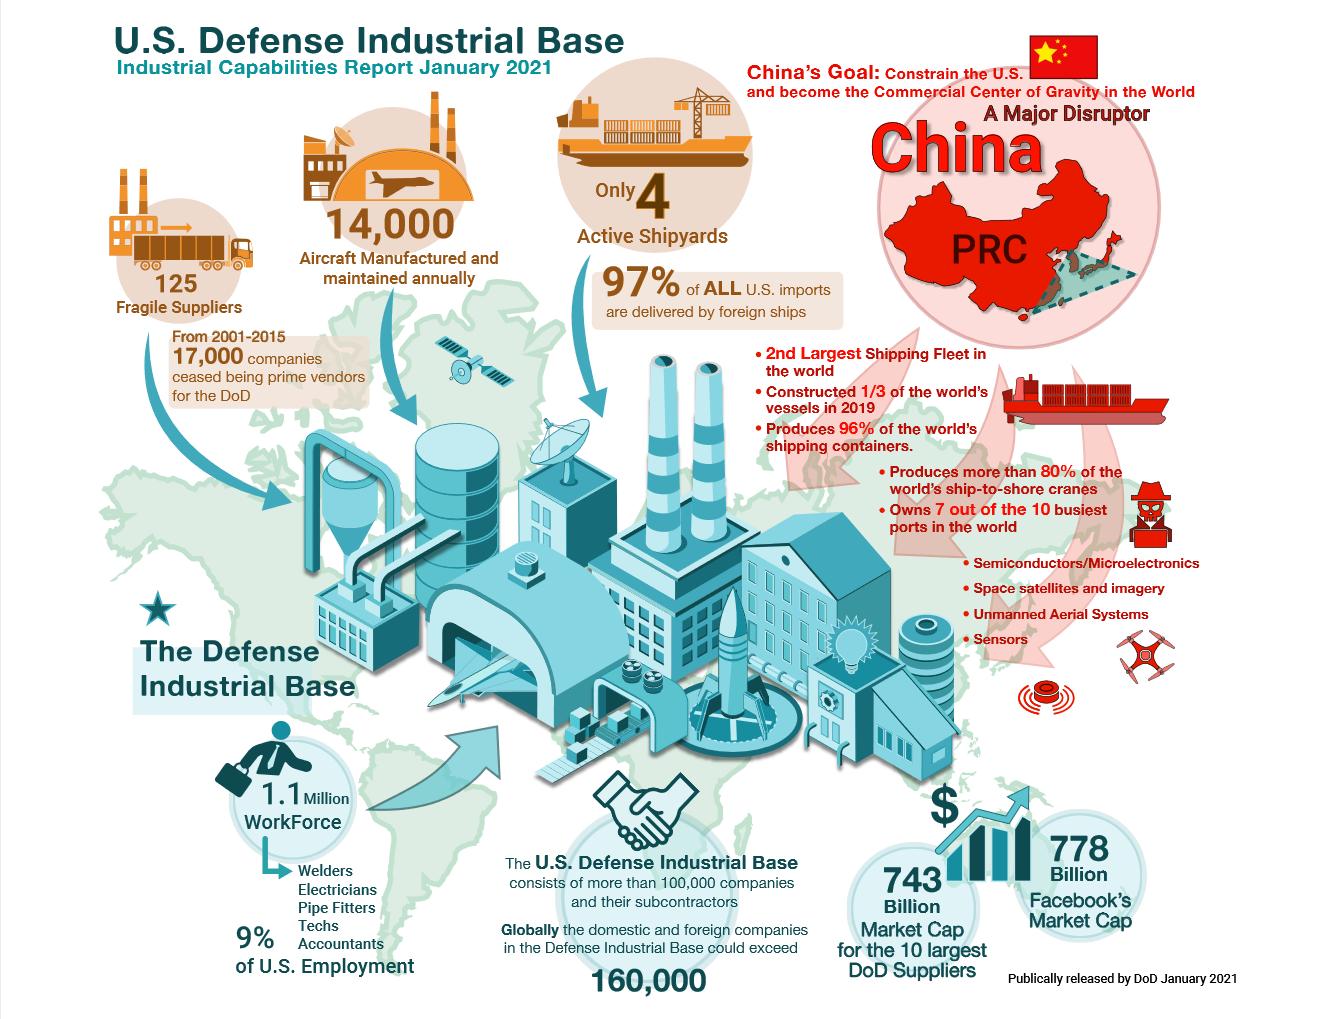 2020 Industrial Capabilities Report